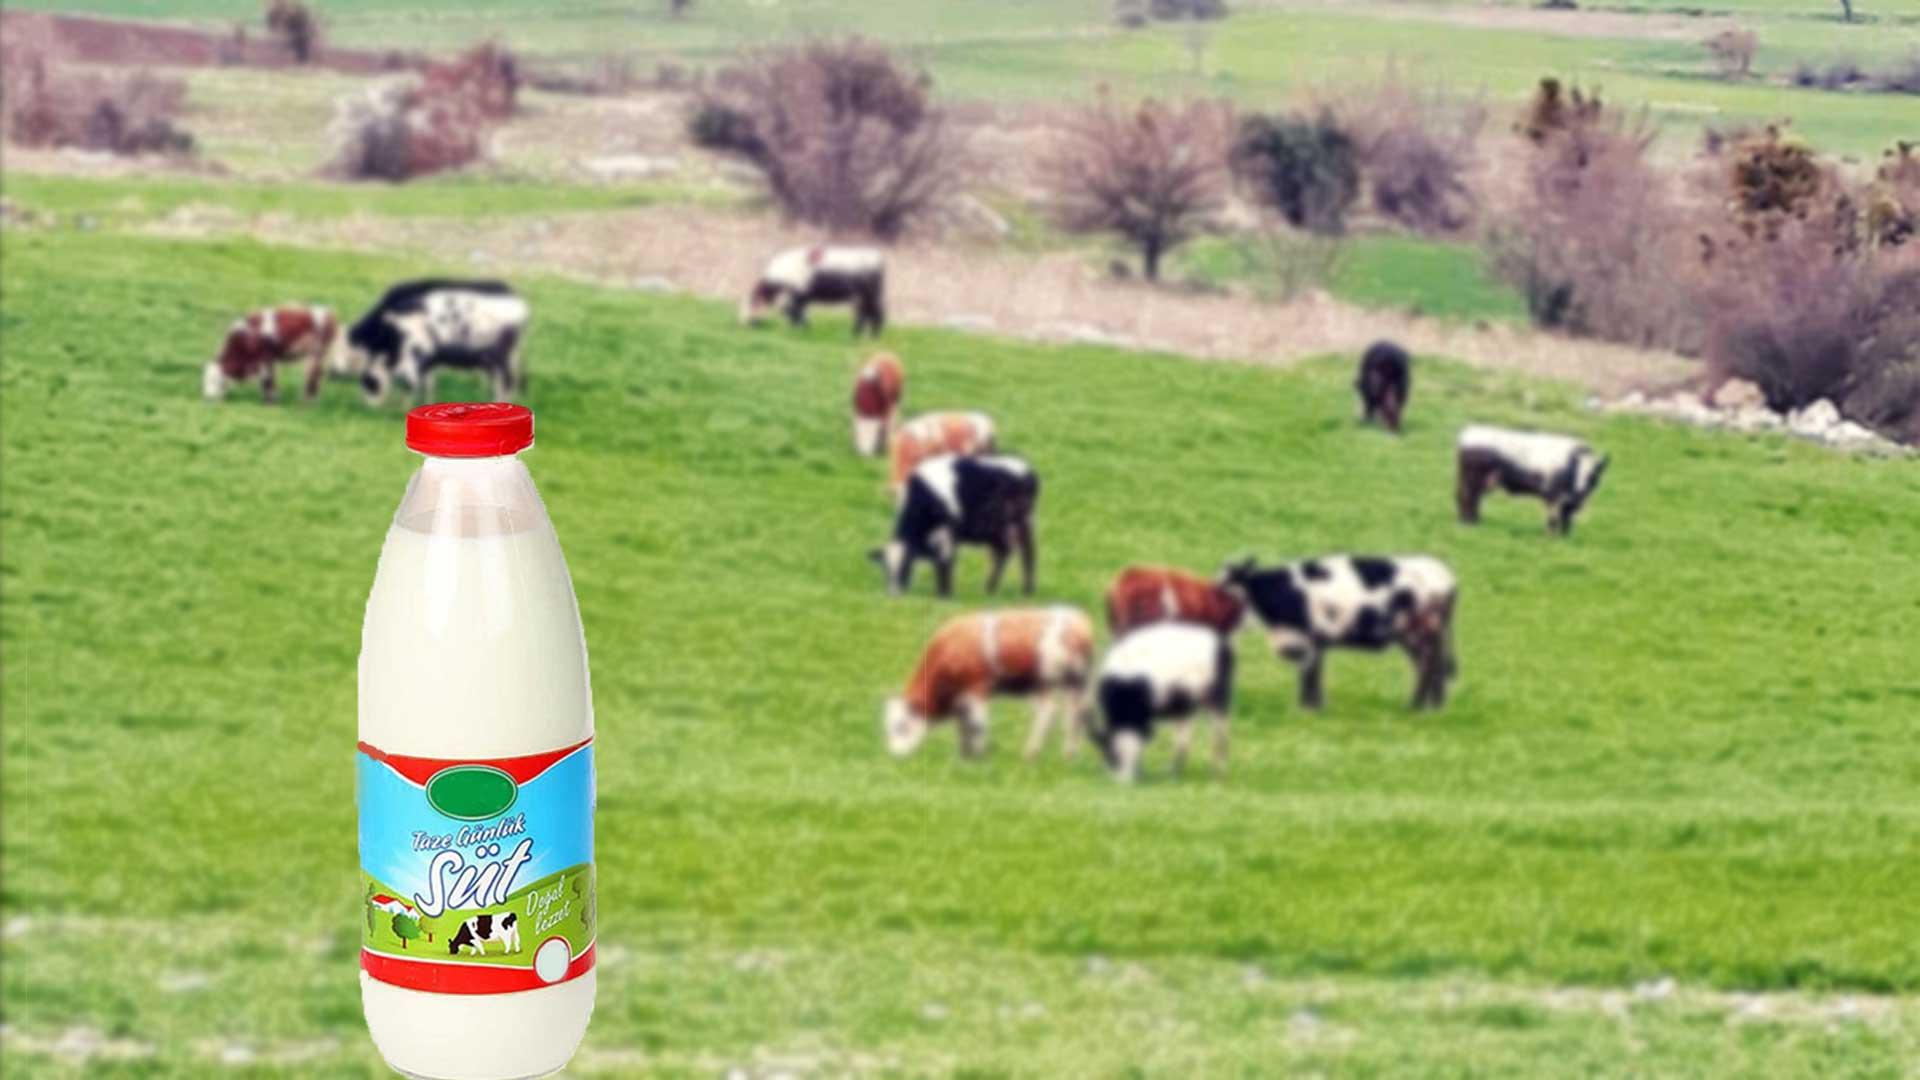 En Çok Süt Üretimi Yapan Ülkeler?fit=thumb&w=418&h=152&q=80